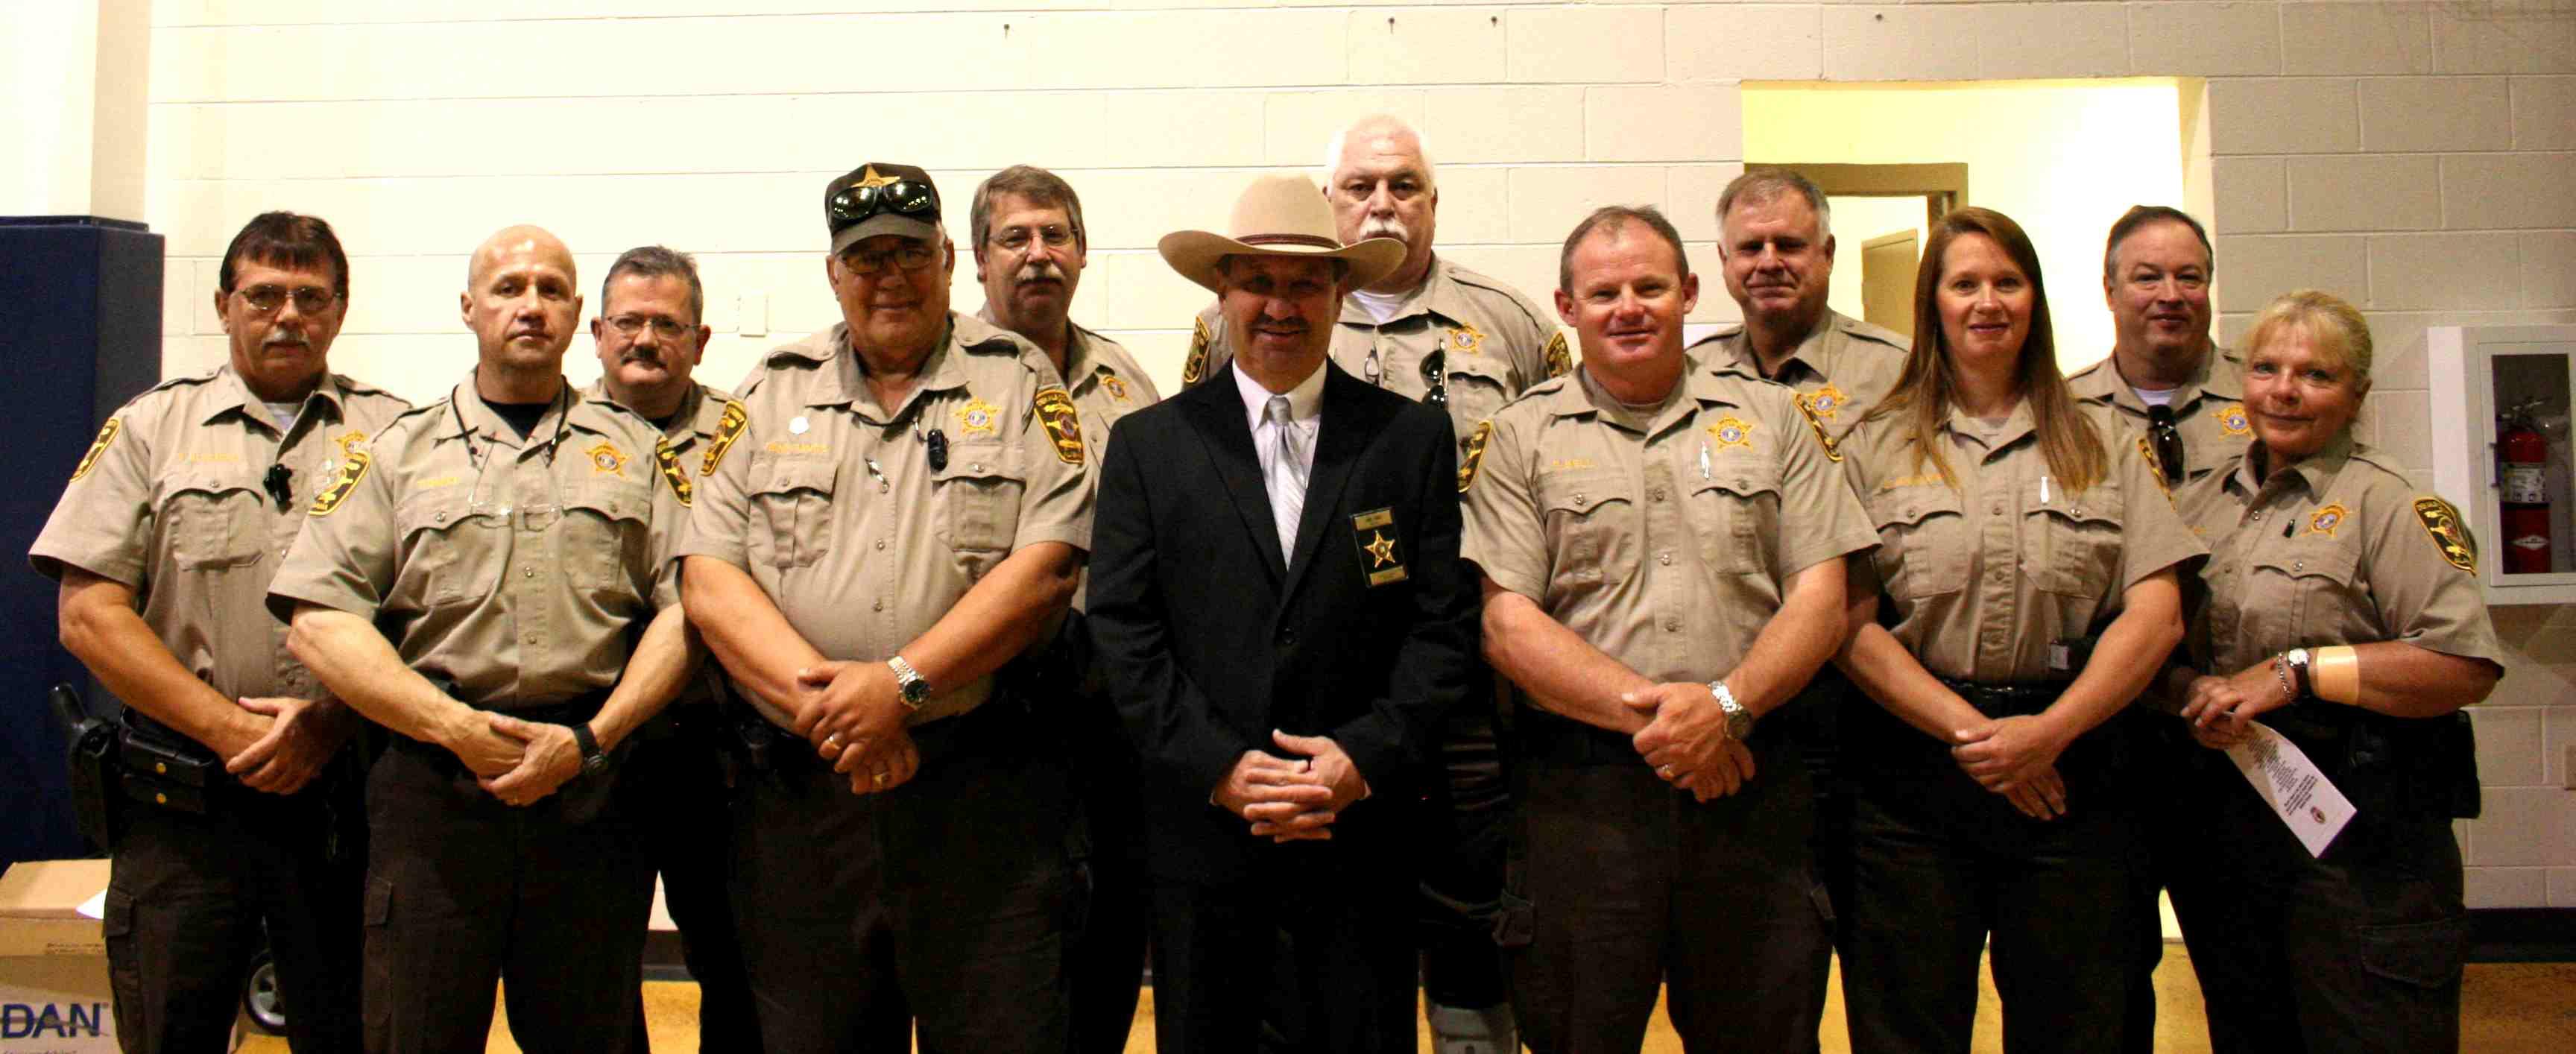 D.A.R.E. Graduation Held at DeKalb County School Coliseum